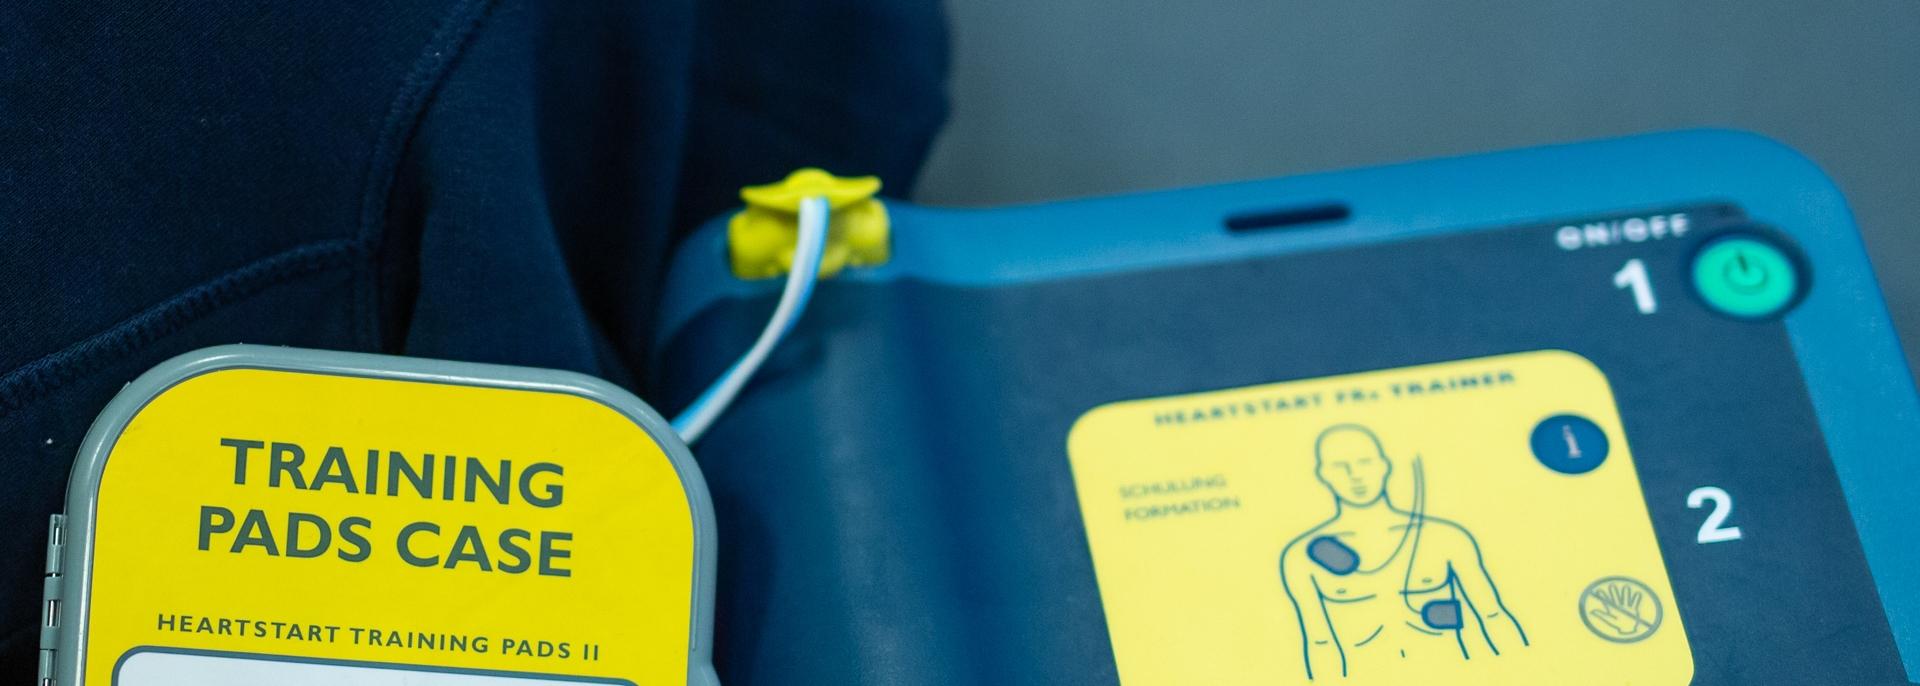 Defibrillator2 © Puls Kellner